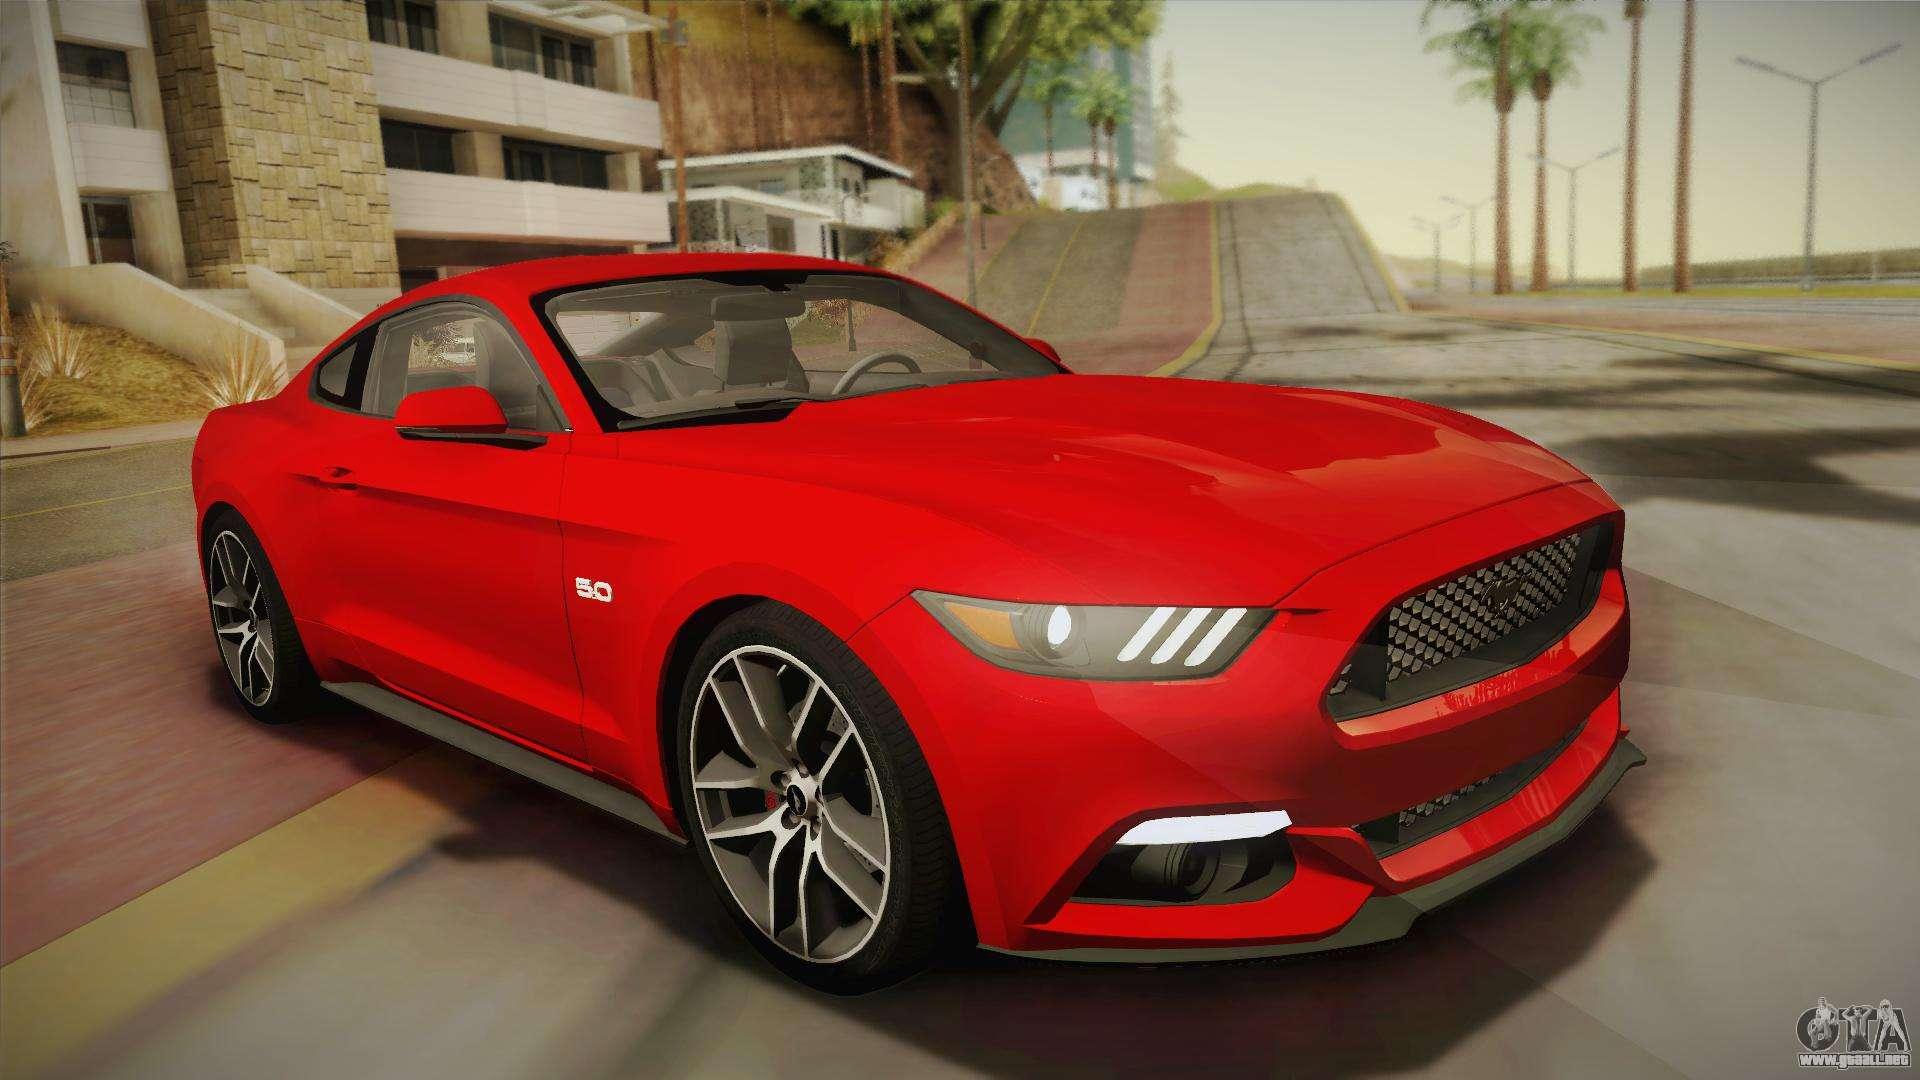 Ford Mustang Gt 2015 50 Para Gta San Andreas